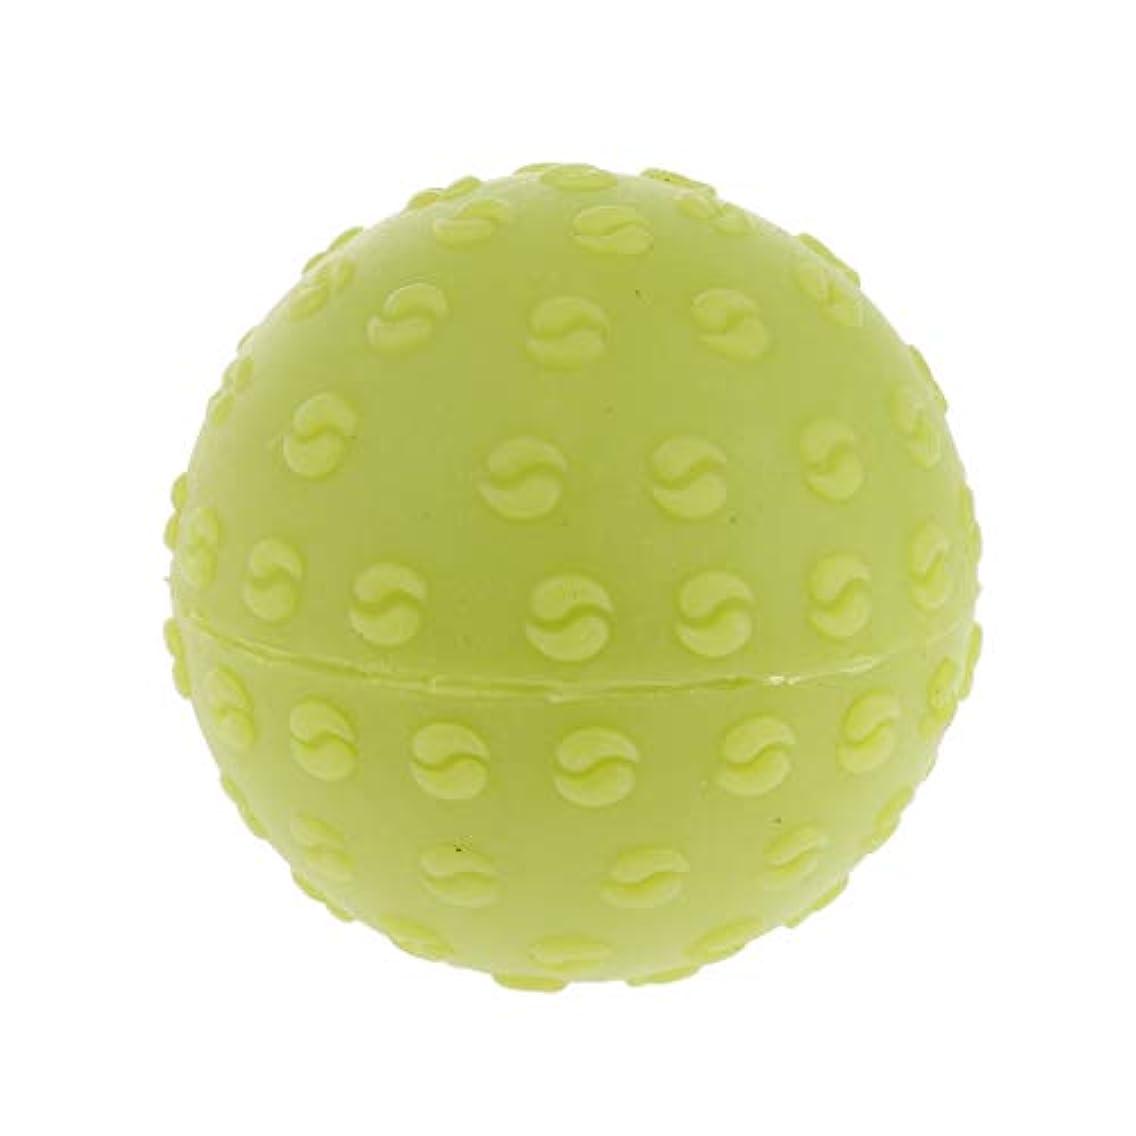 追放排除するムスタチオD DOLITY マッサージボール 指圧ボール シリコーン トリガーポイント 足底筋膜炎 ヨガ 快適 全6色 - 緑, 説明のとおり